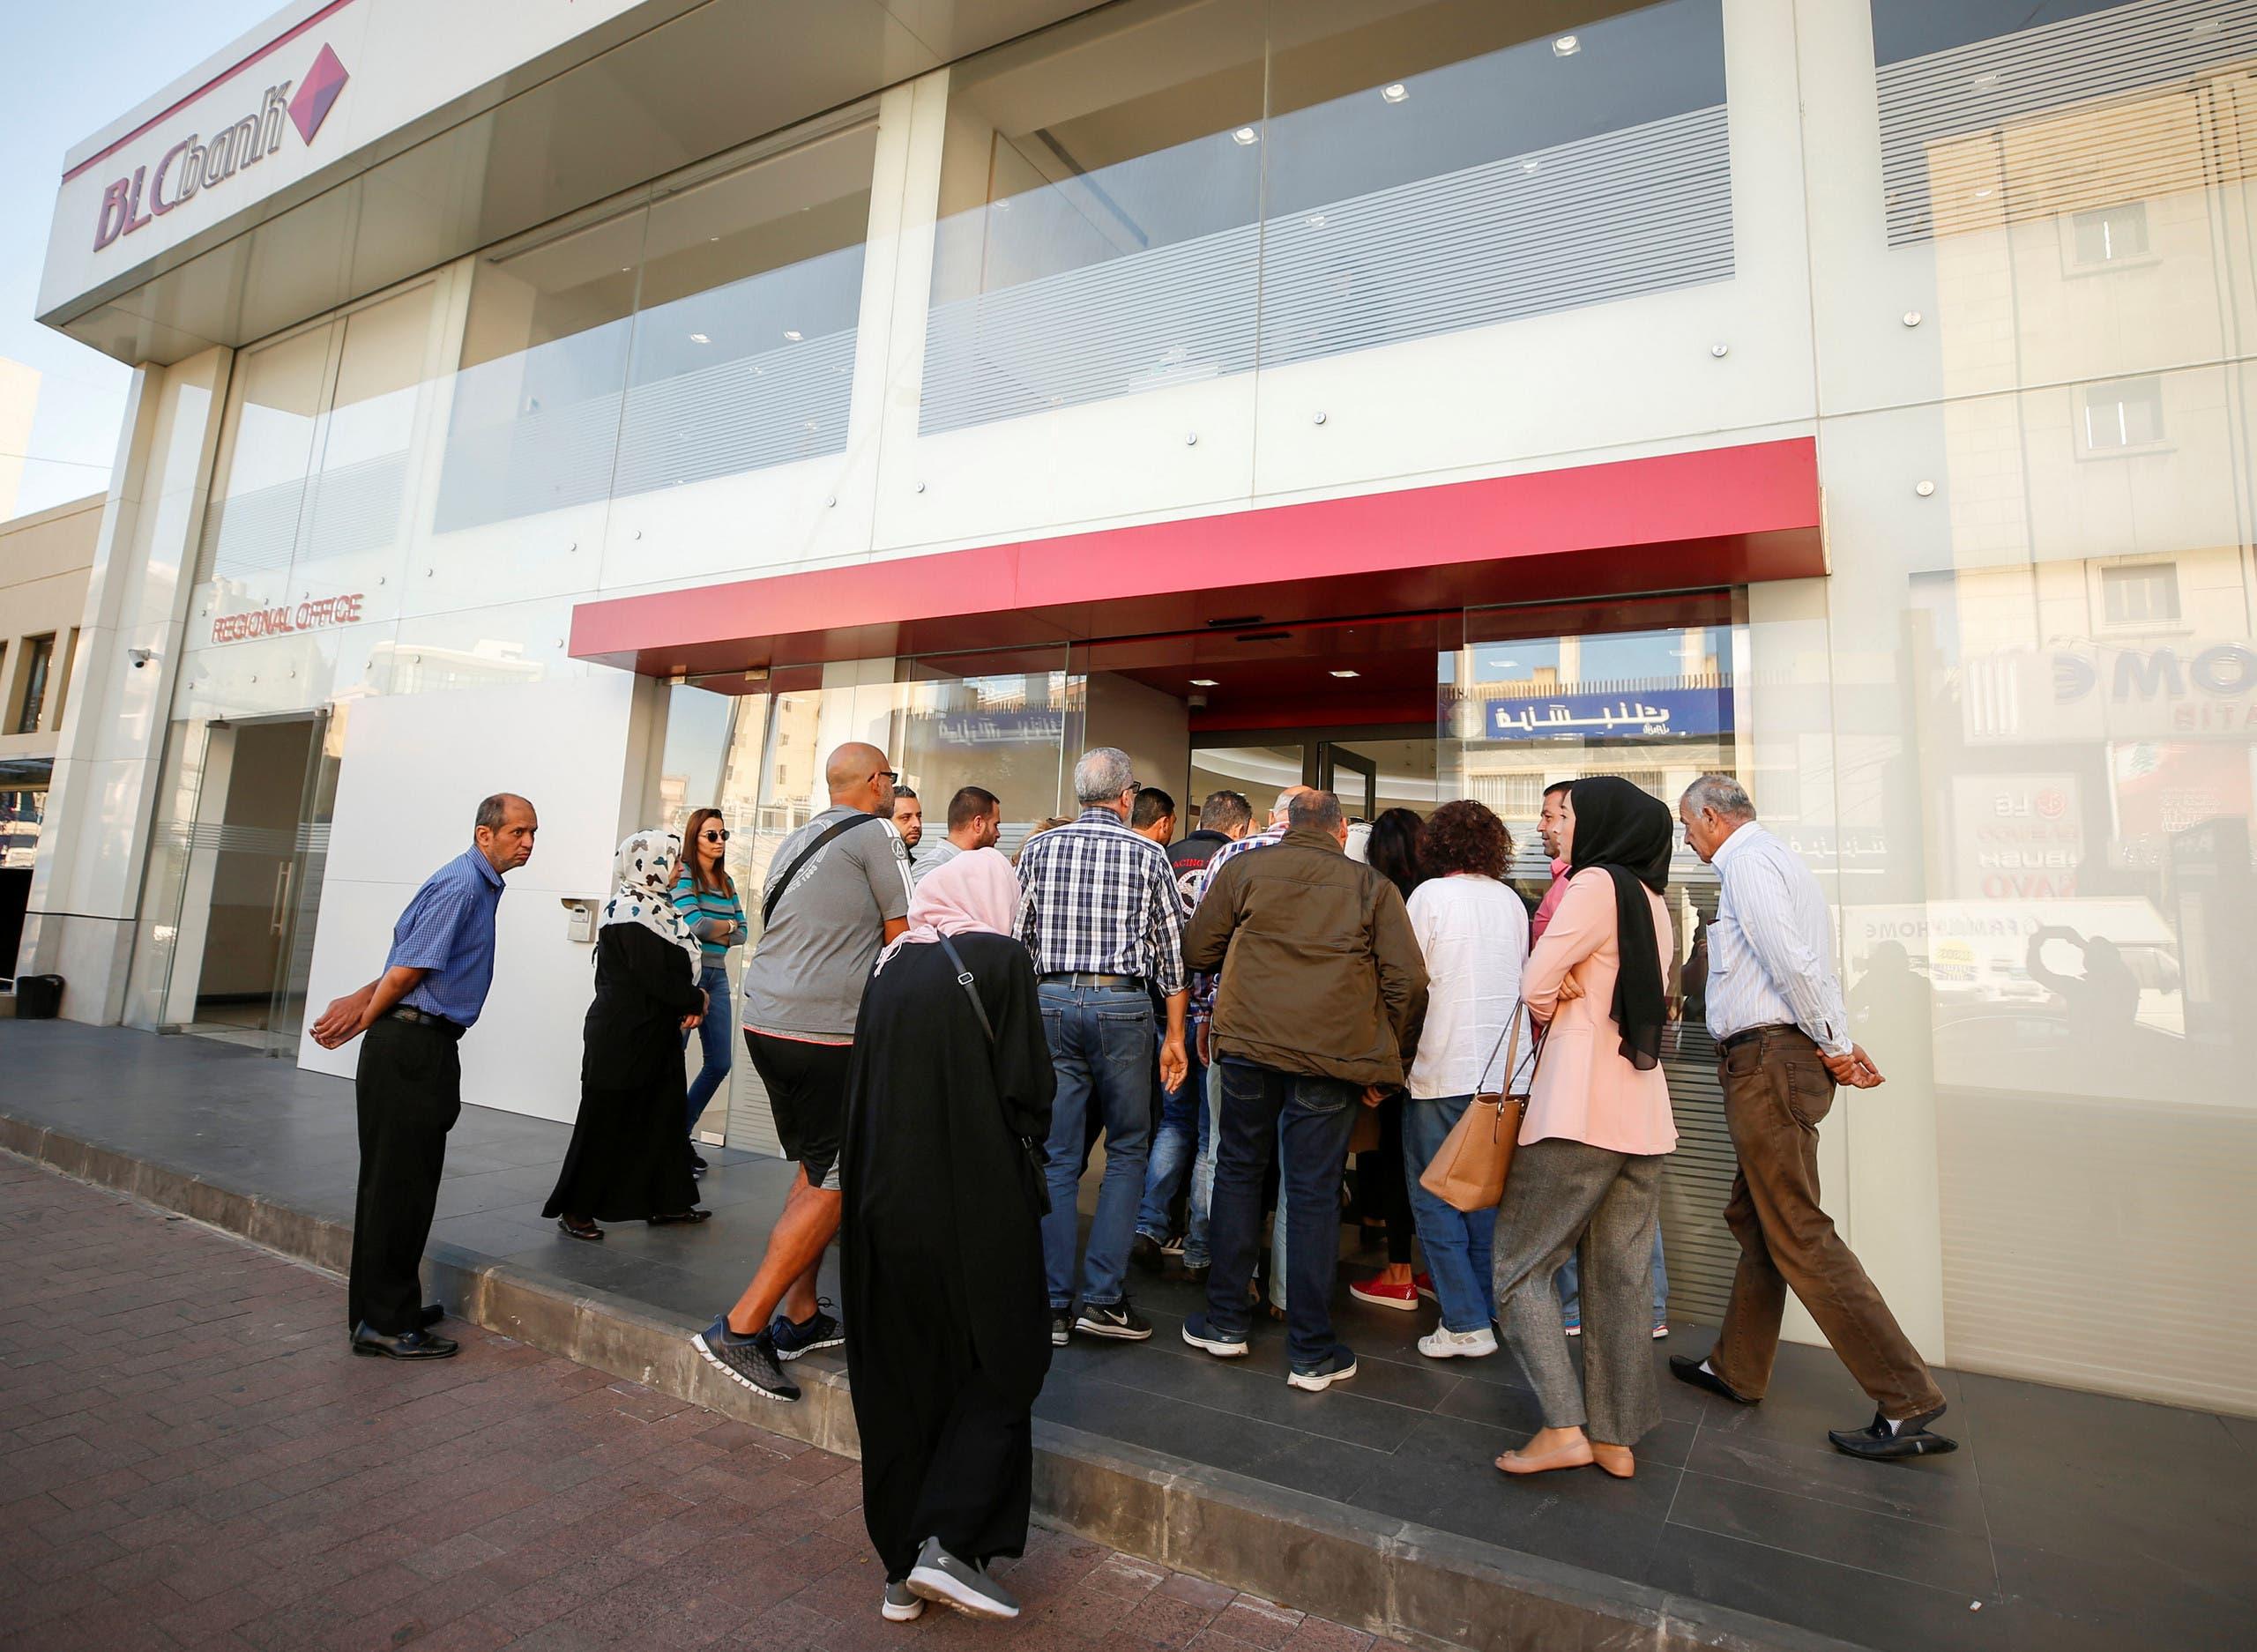 أشخاص يقفون خارج أحد البنوك في صيدا بلبنان